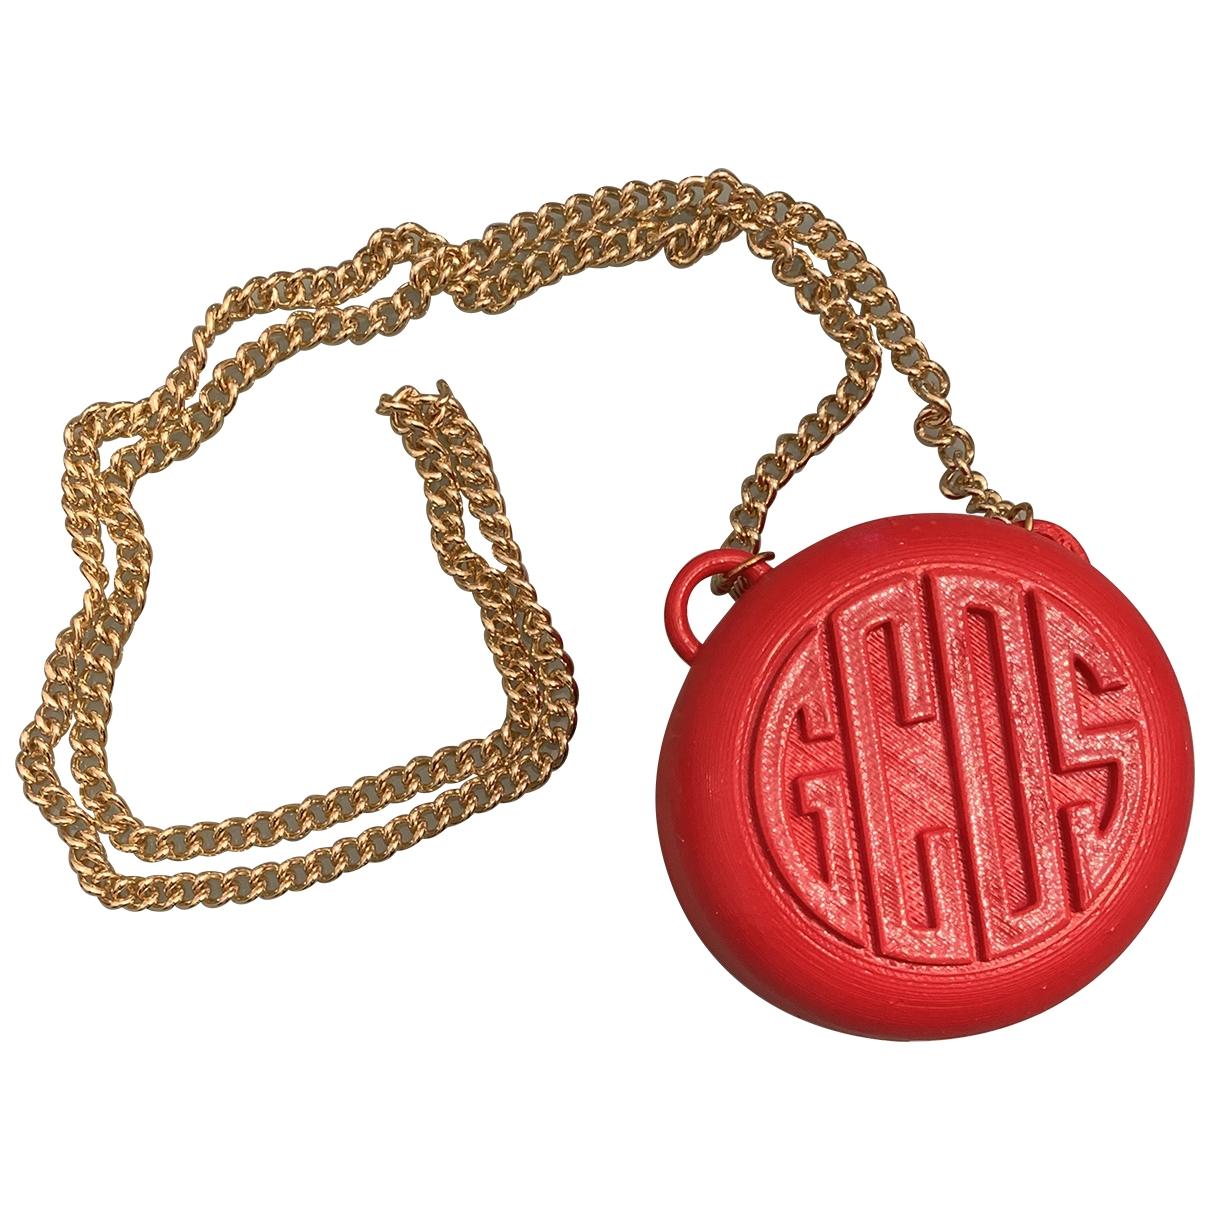 Bolsos clutch en Plastico Rojo Gcds